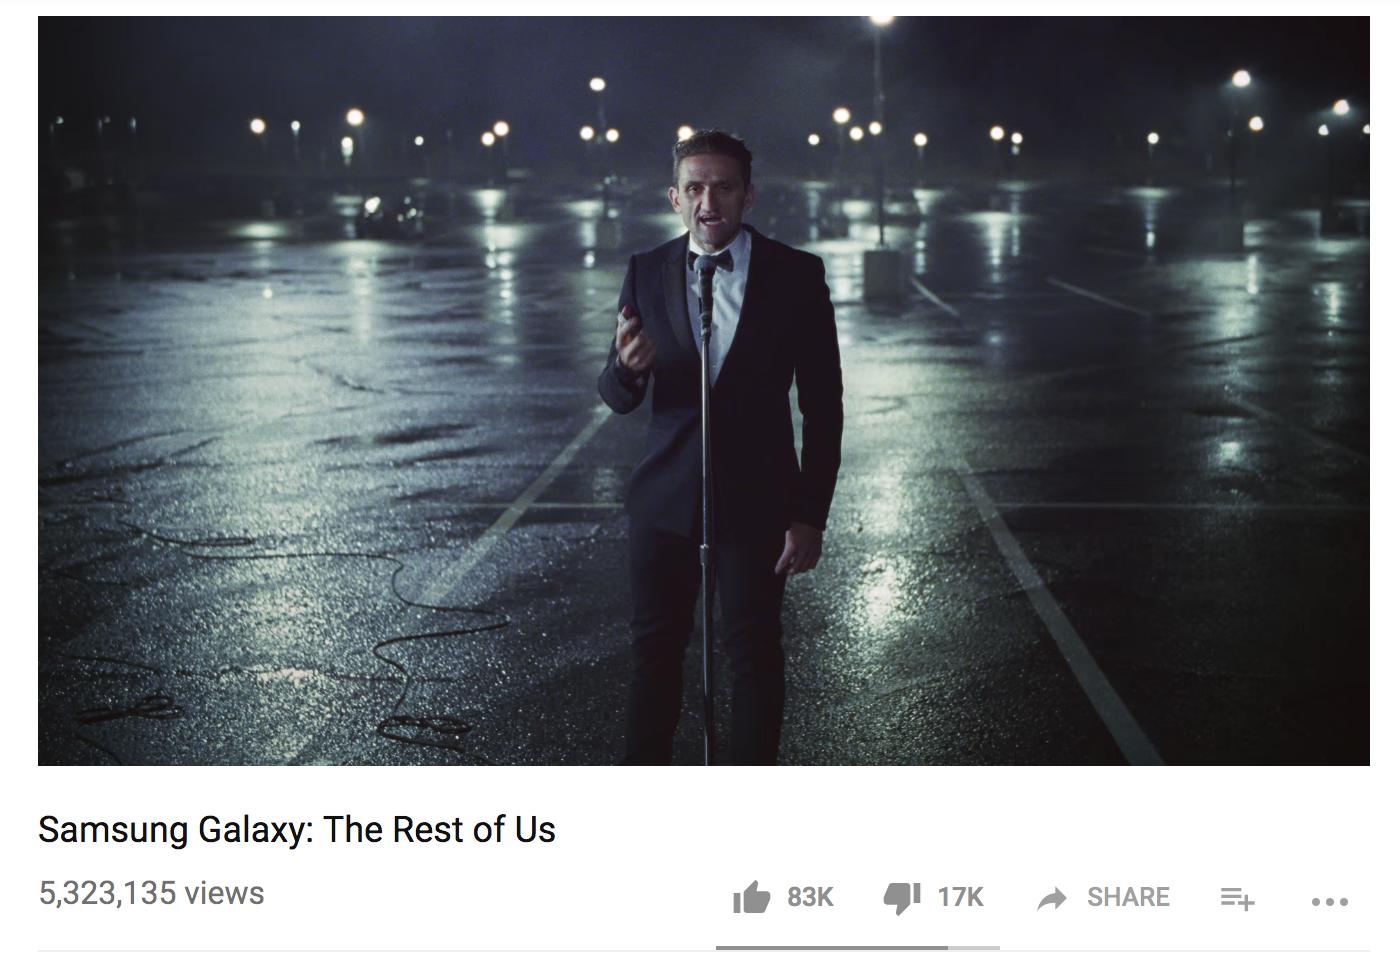 Screenshot showing a youtube video